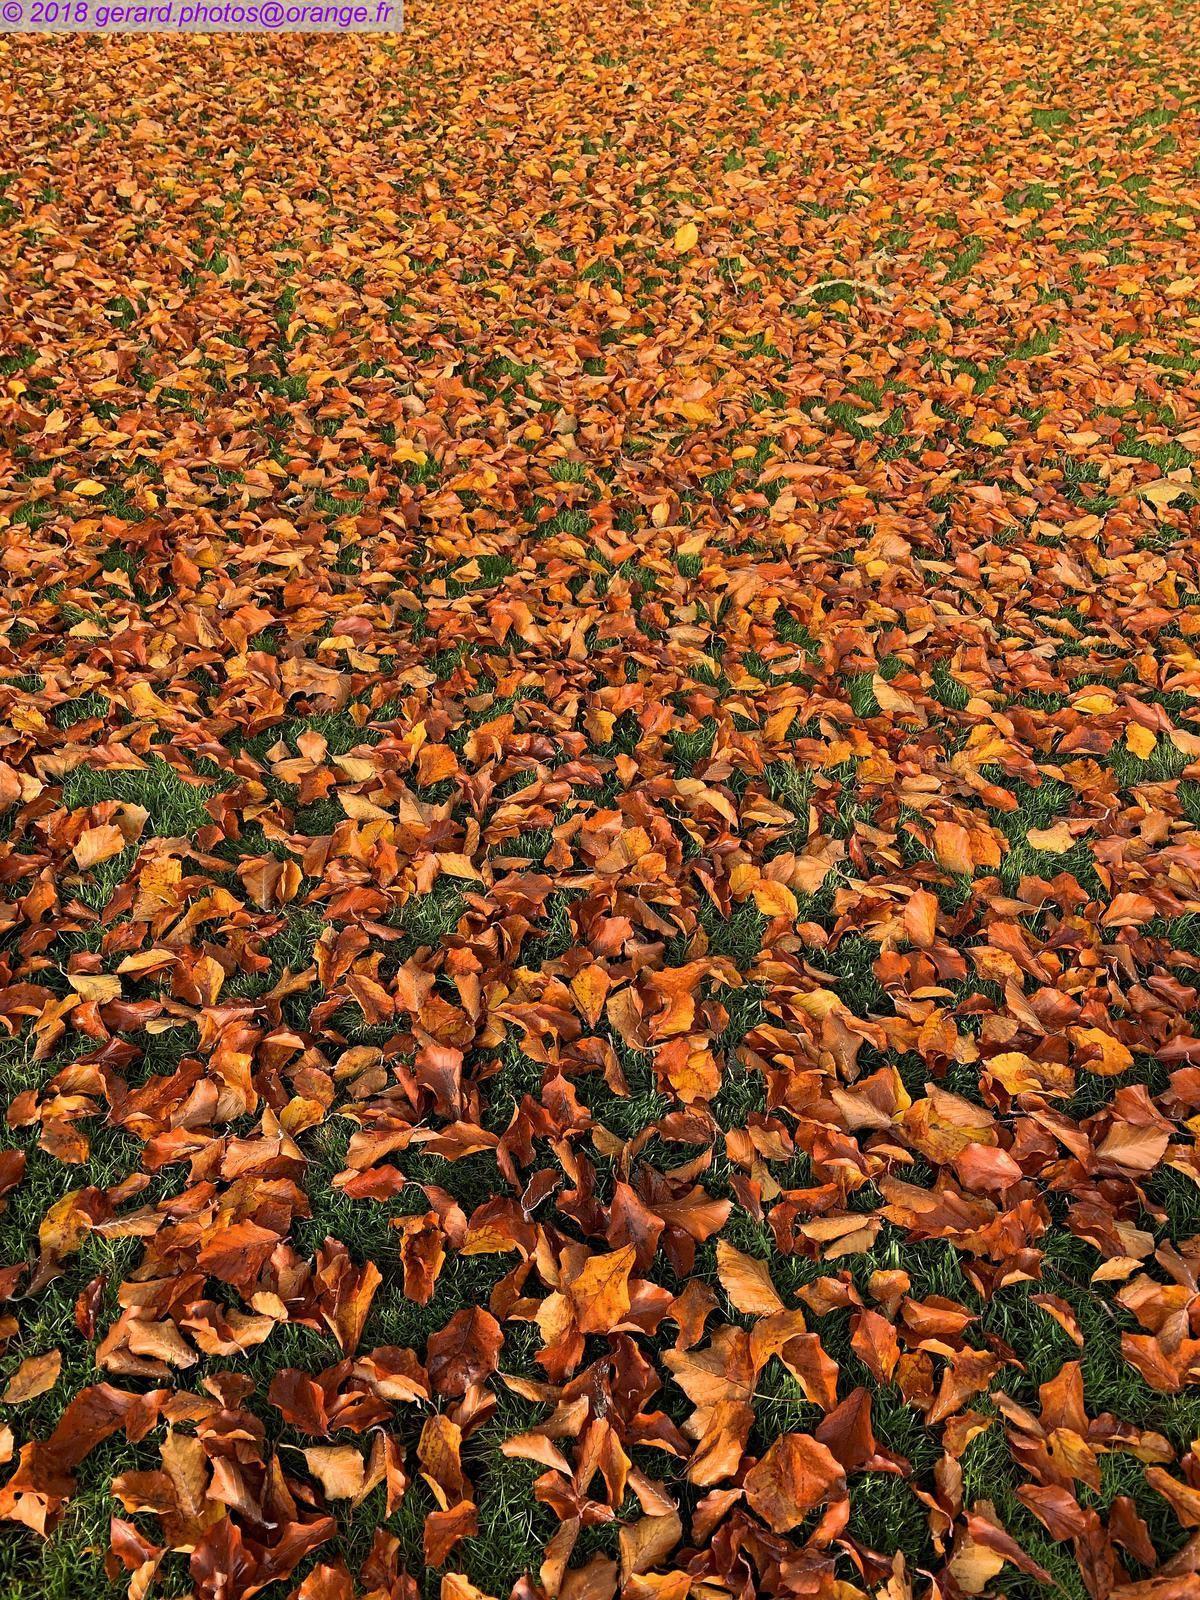 Couleurs d'automne, square jean Cousin à Sens.